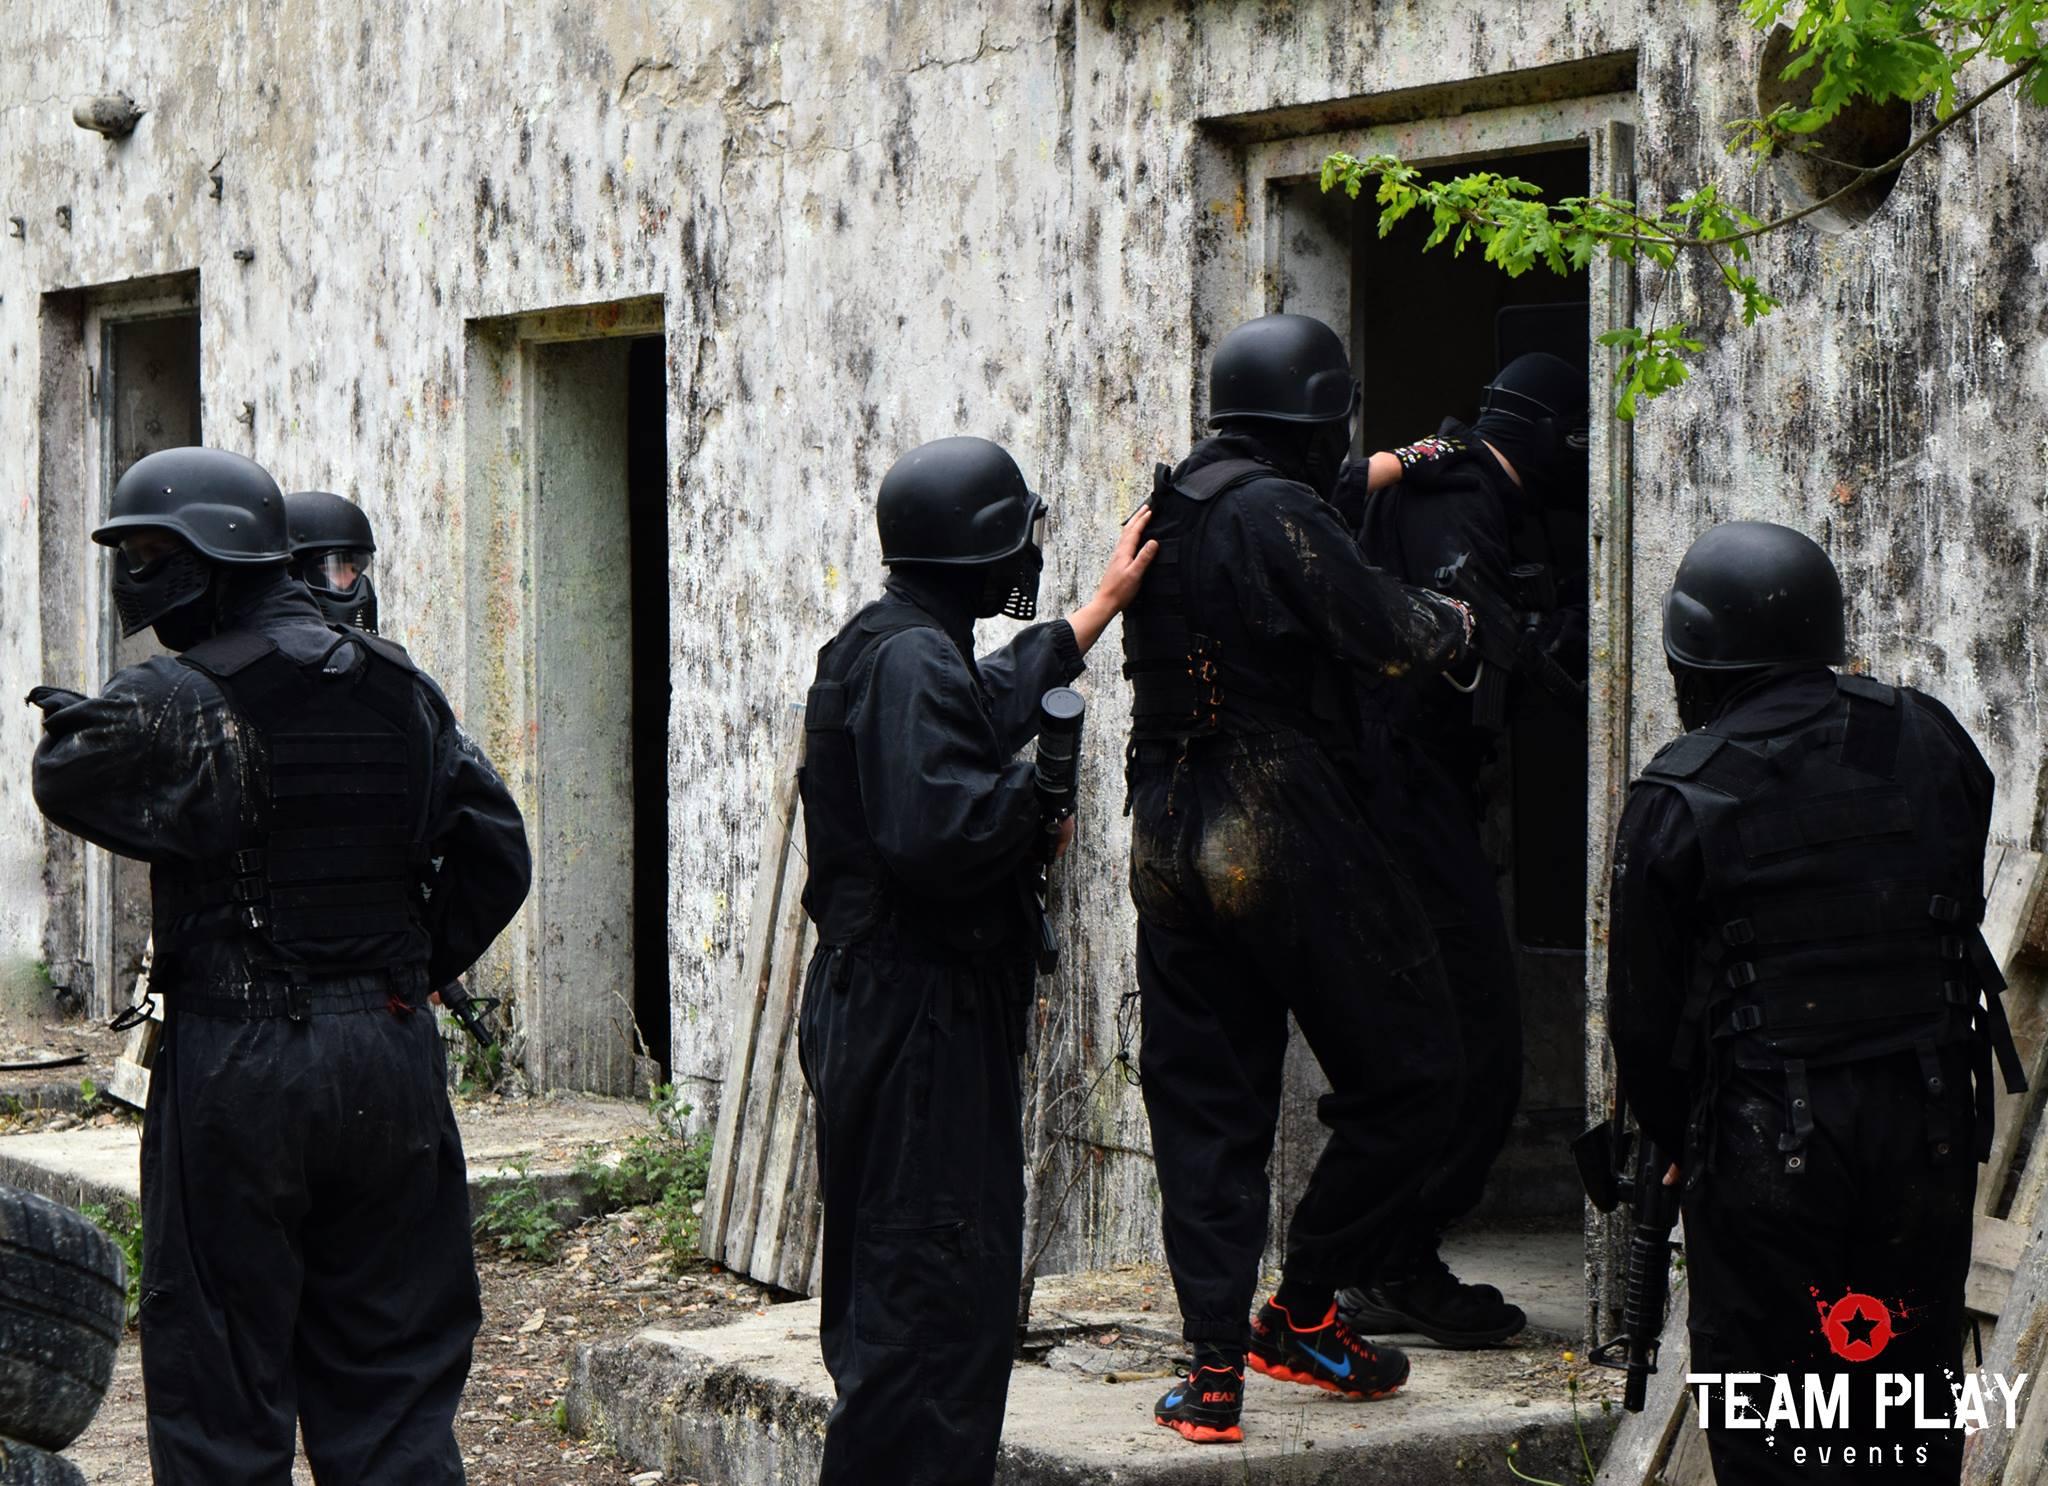 Bild zur veranstaltung am 17.03.2017 im Camp Heidekrug | SWAT Training